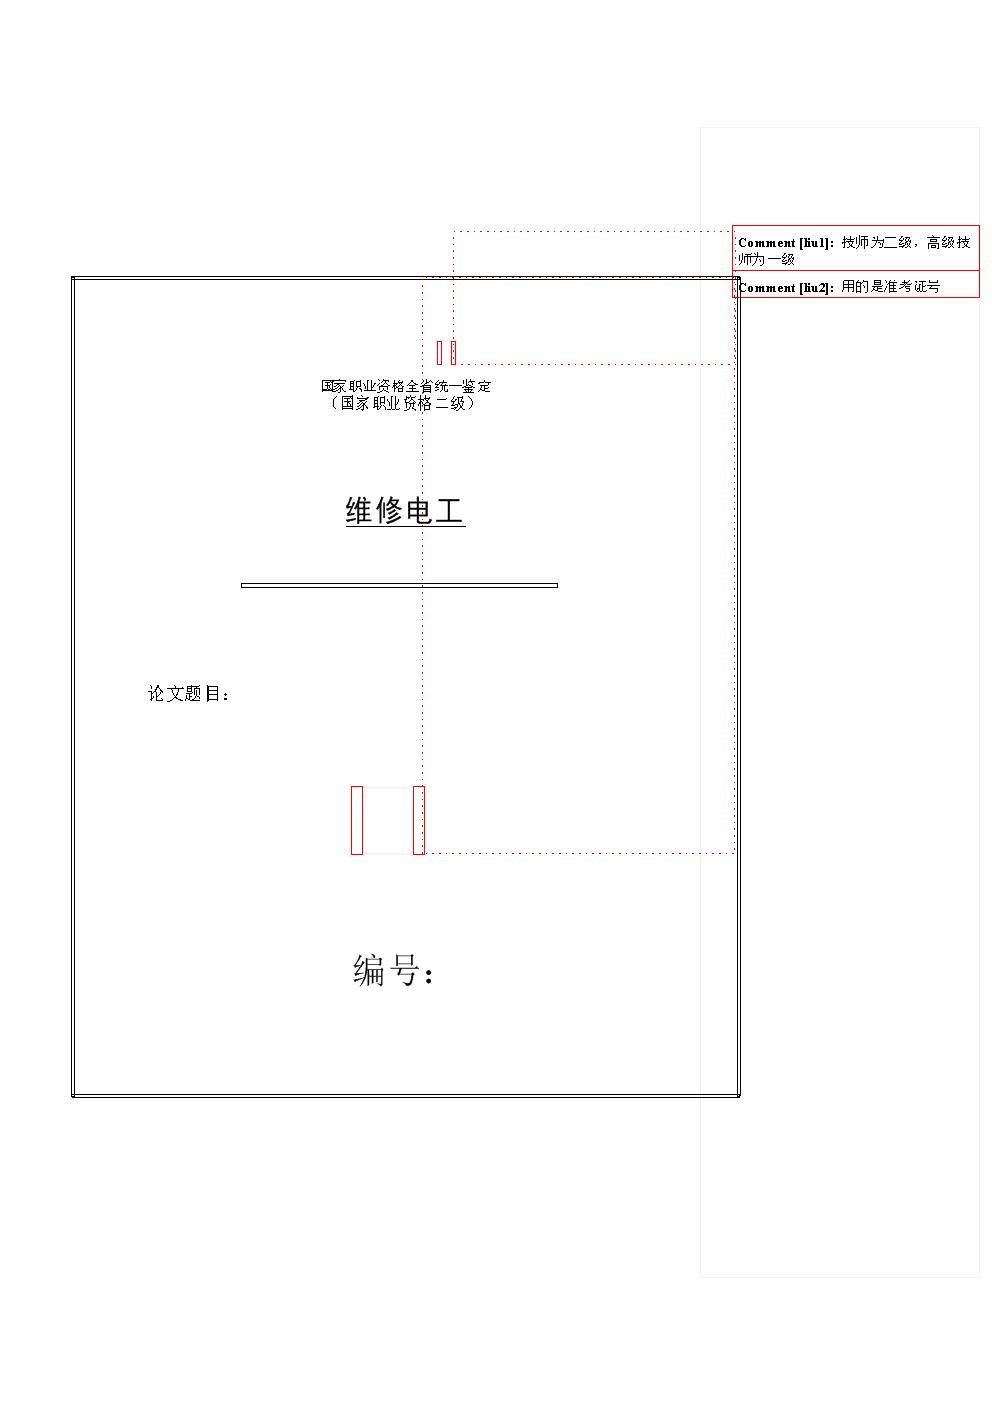 维修电工技师论文样板.docx